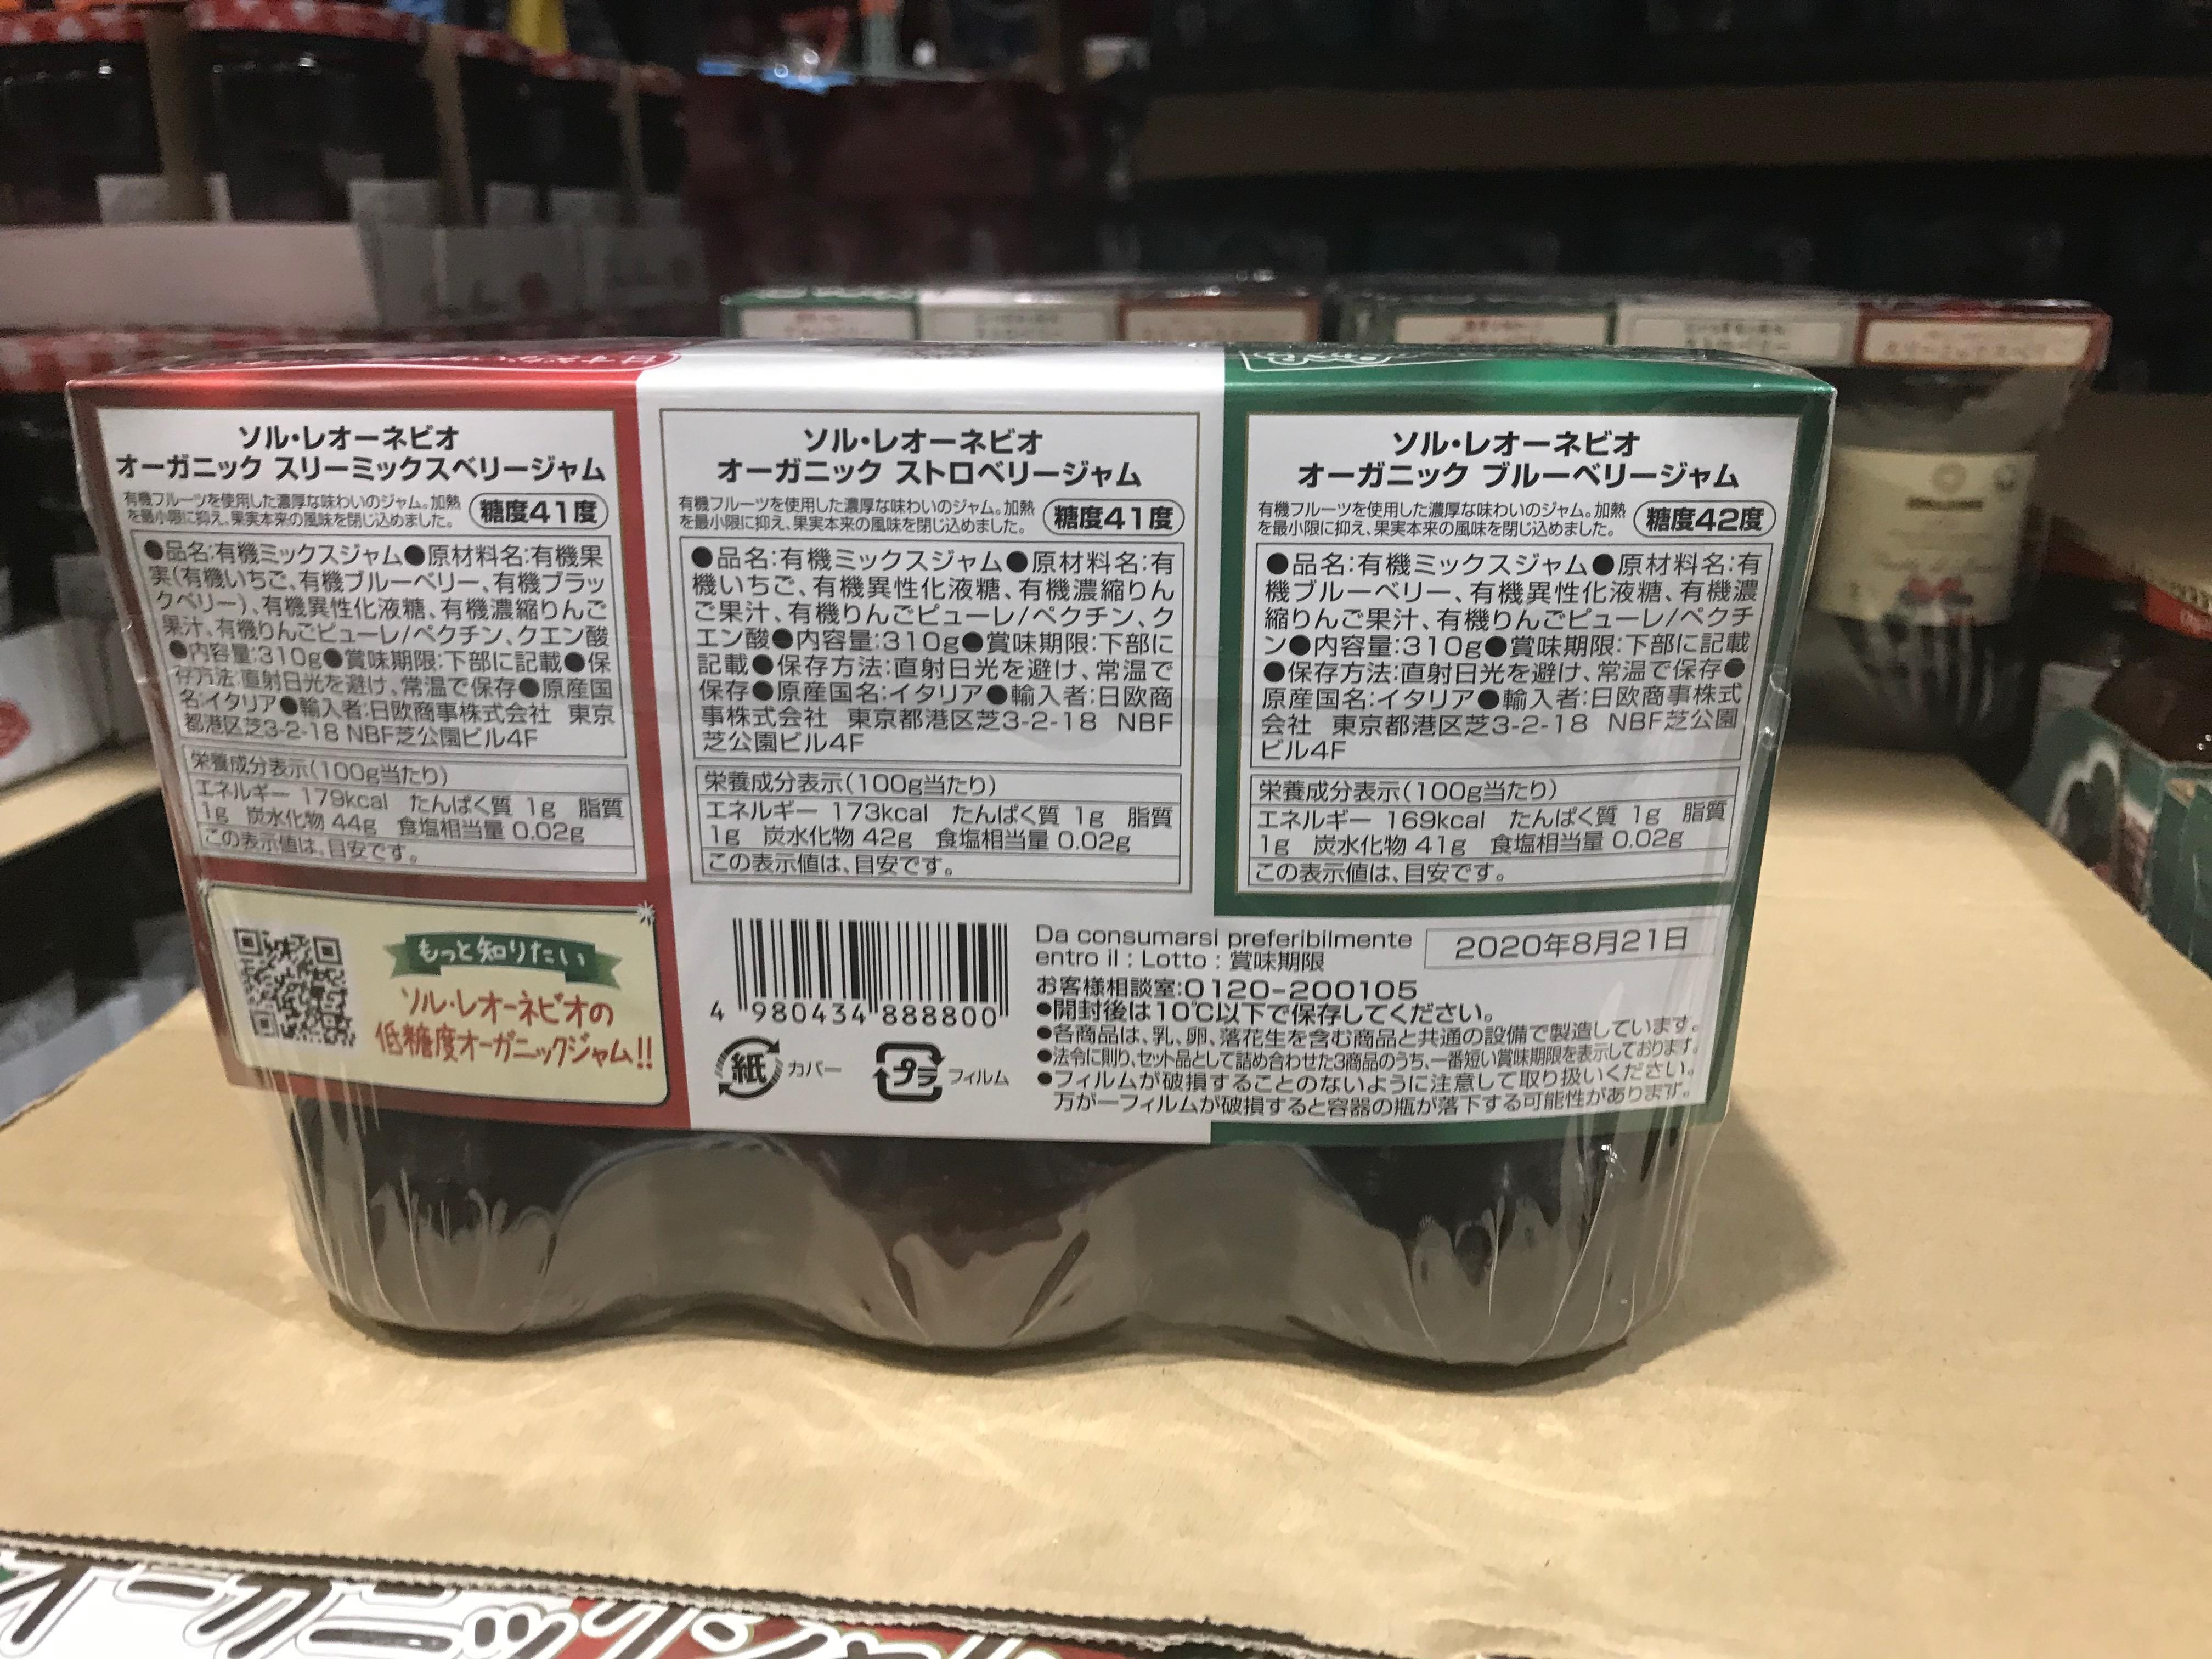 ソルレビオ オーガニックイタリアンジャムセット コストコ 栄養素